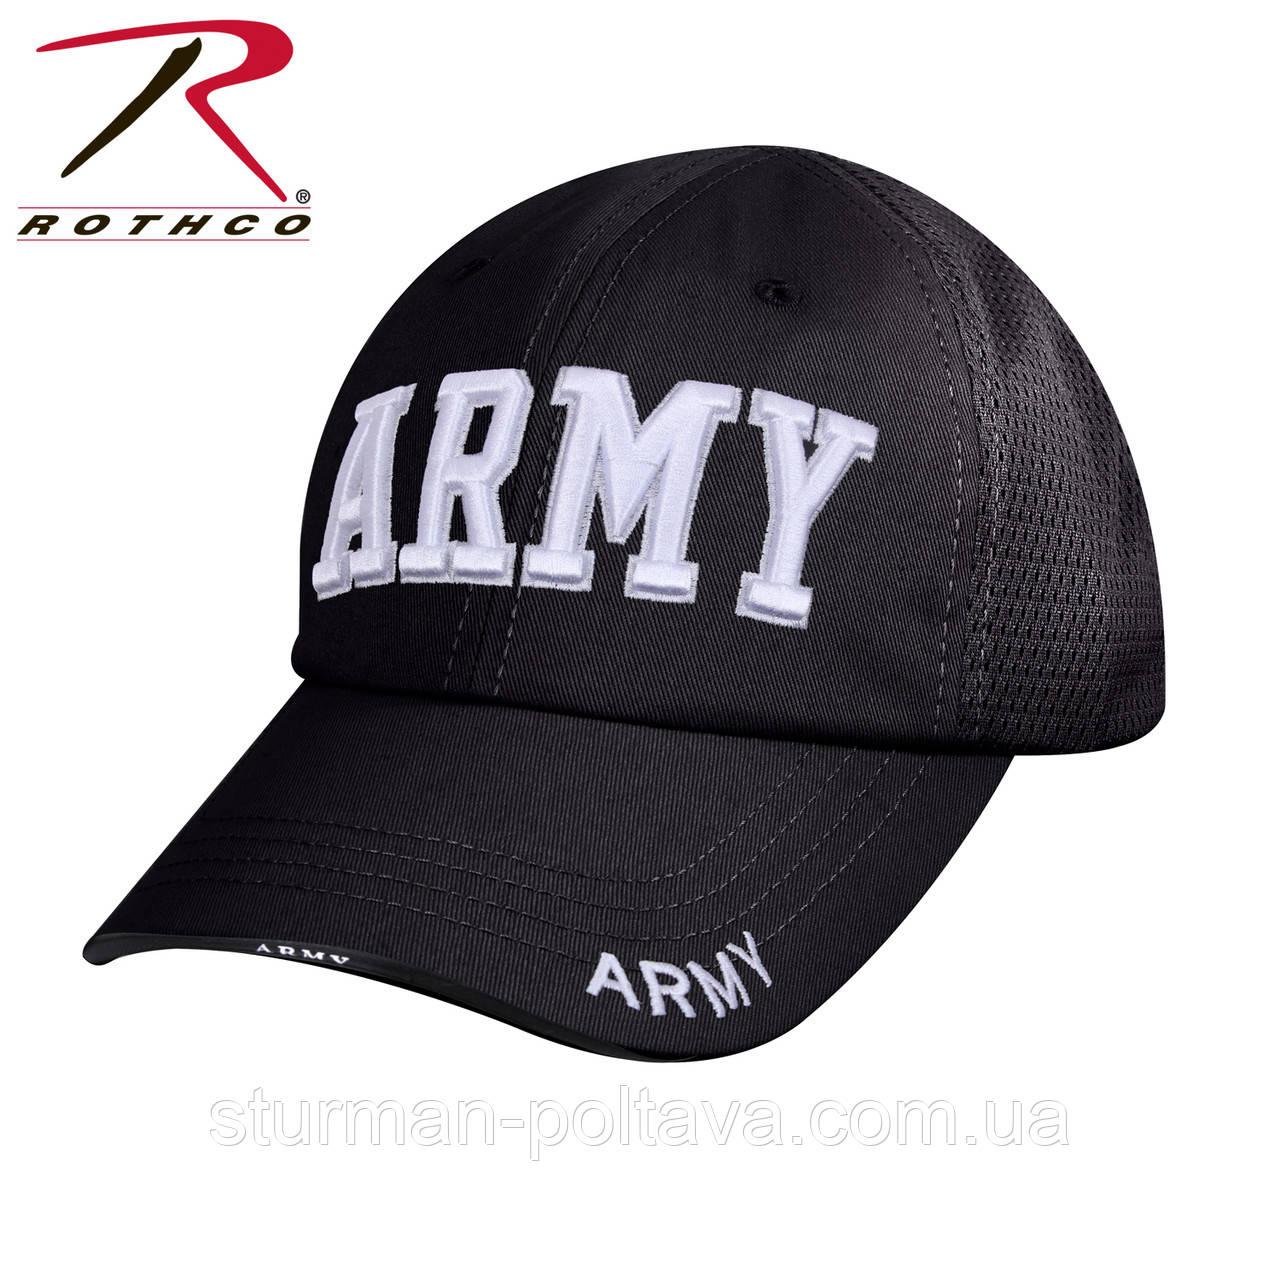 Бейсболка чоловіча річна з вентилляционной сіткою колір чорний вишивка ARMY Rotcho USA